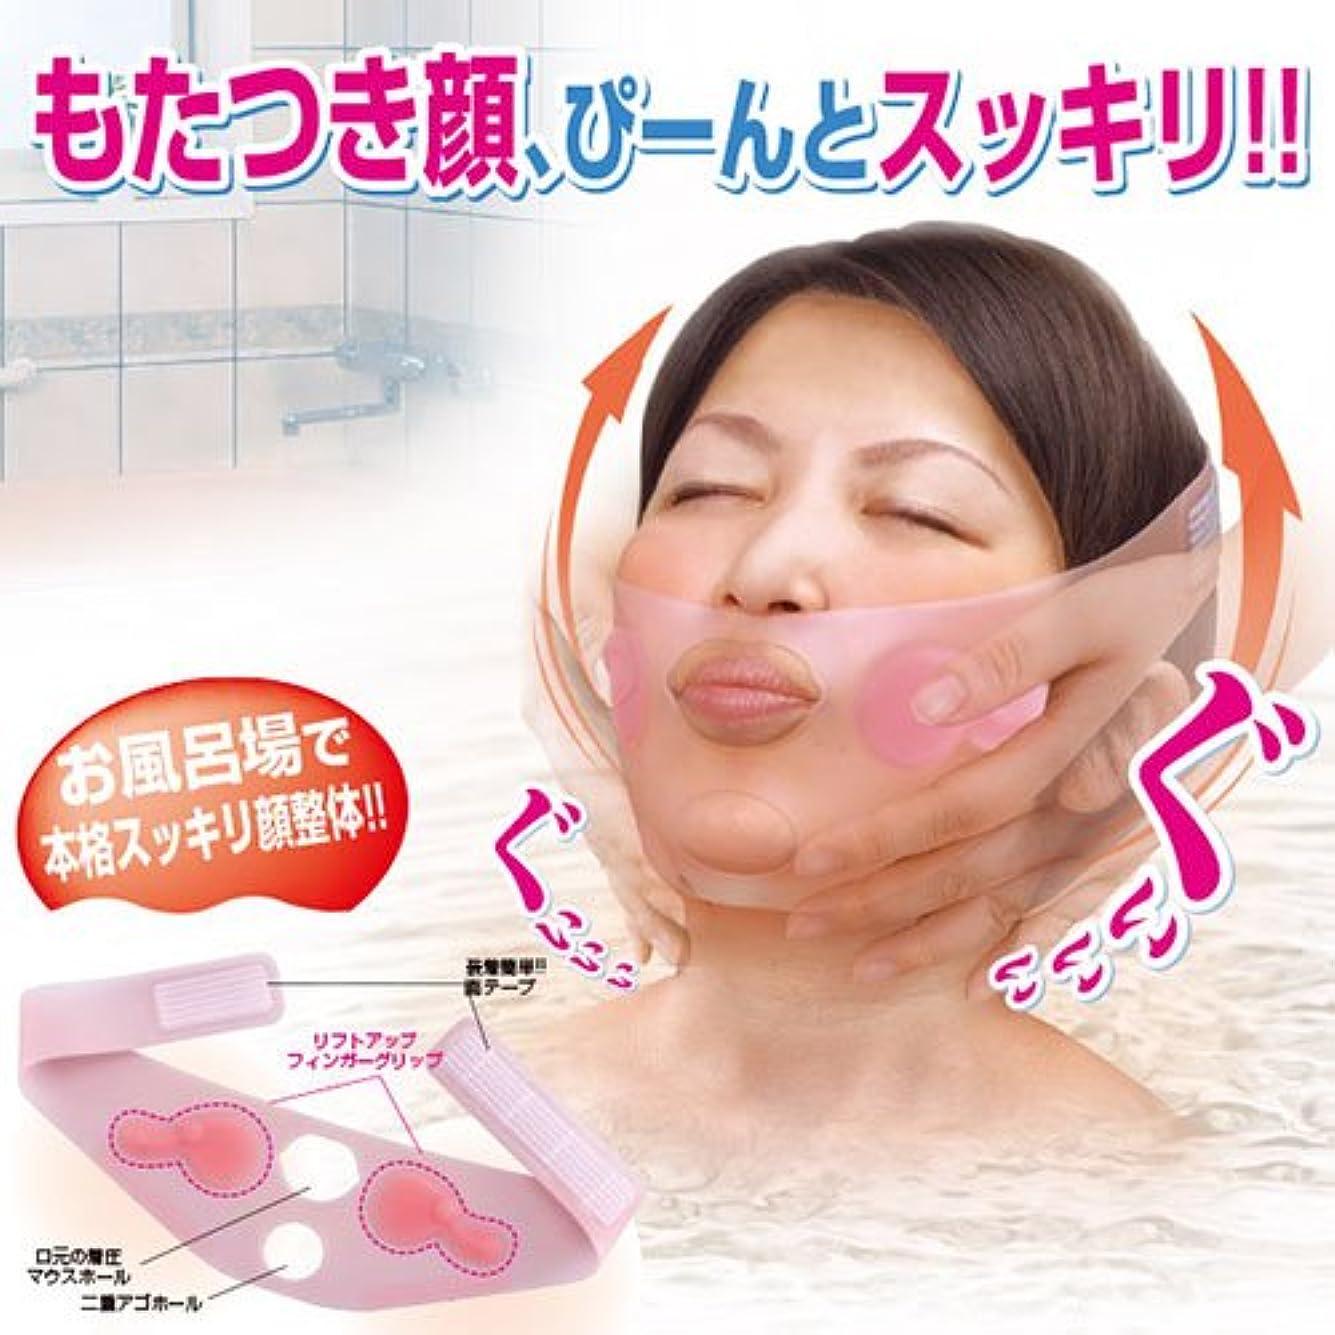 ポーン手用量PROIDEA(プロイデア) 揉まれるフェイスマスク